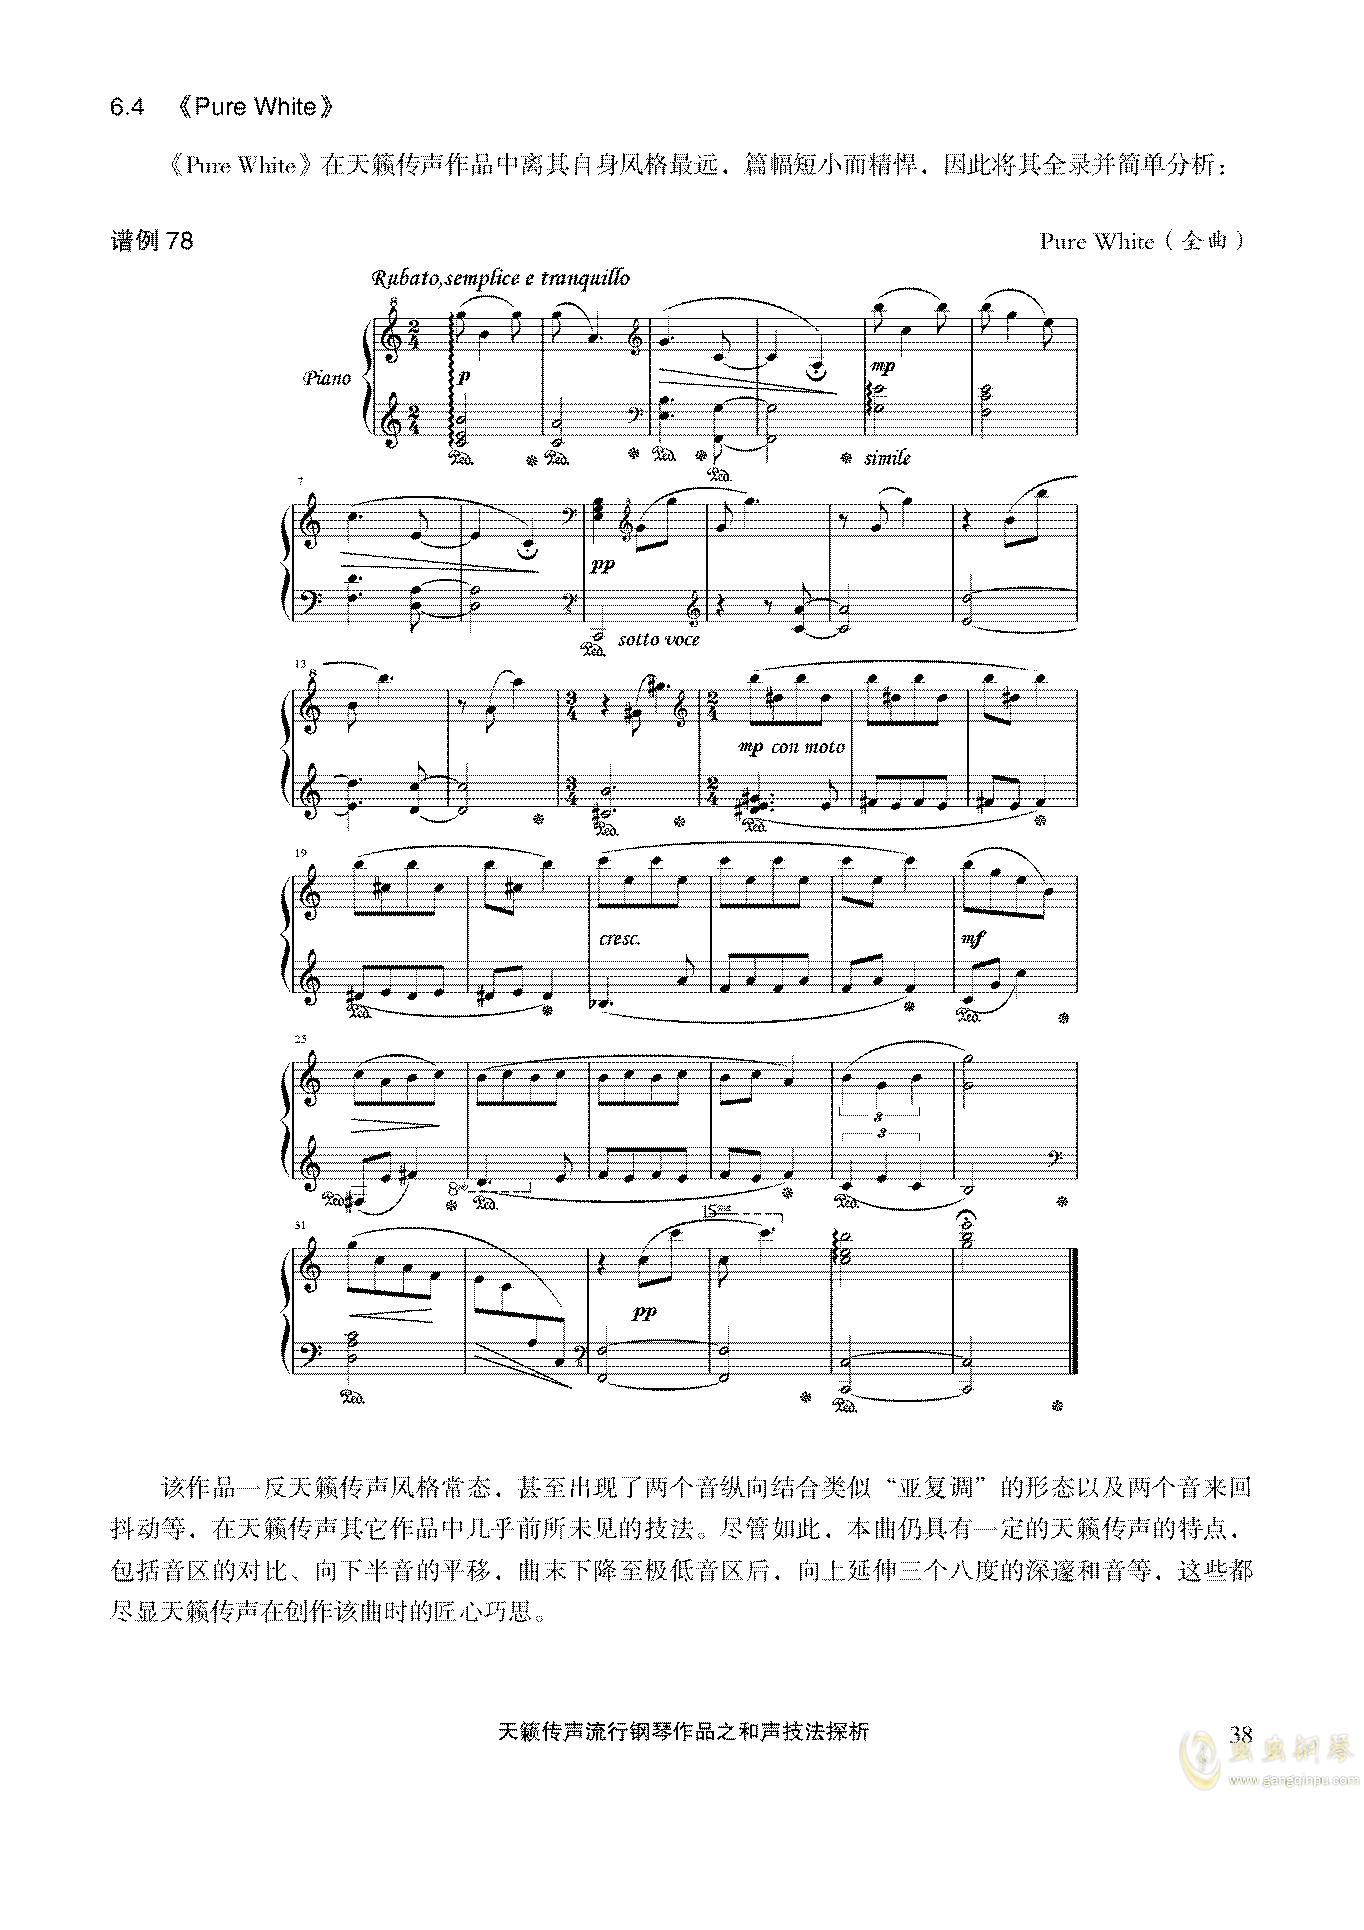 天籁传声和声技法探析澳门星际官网 第38页